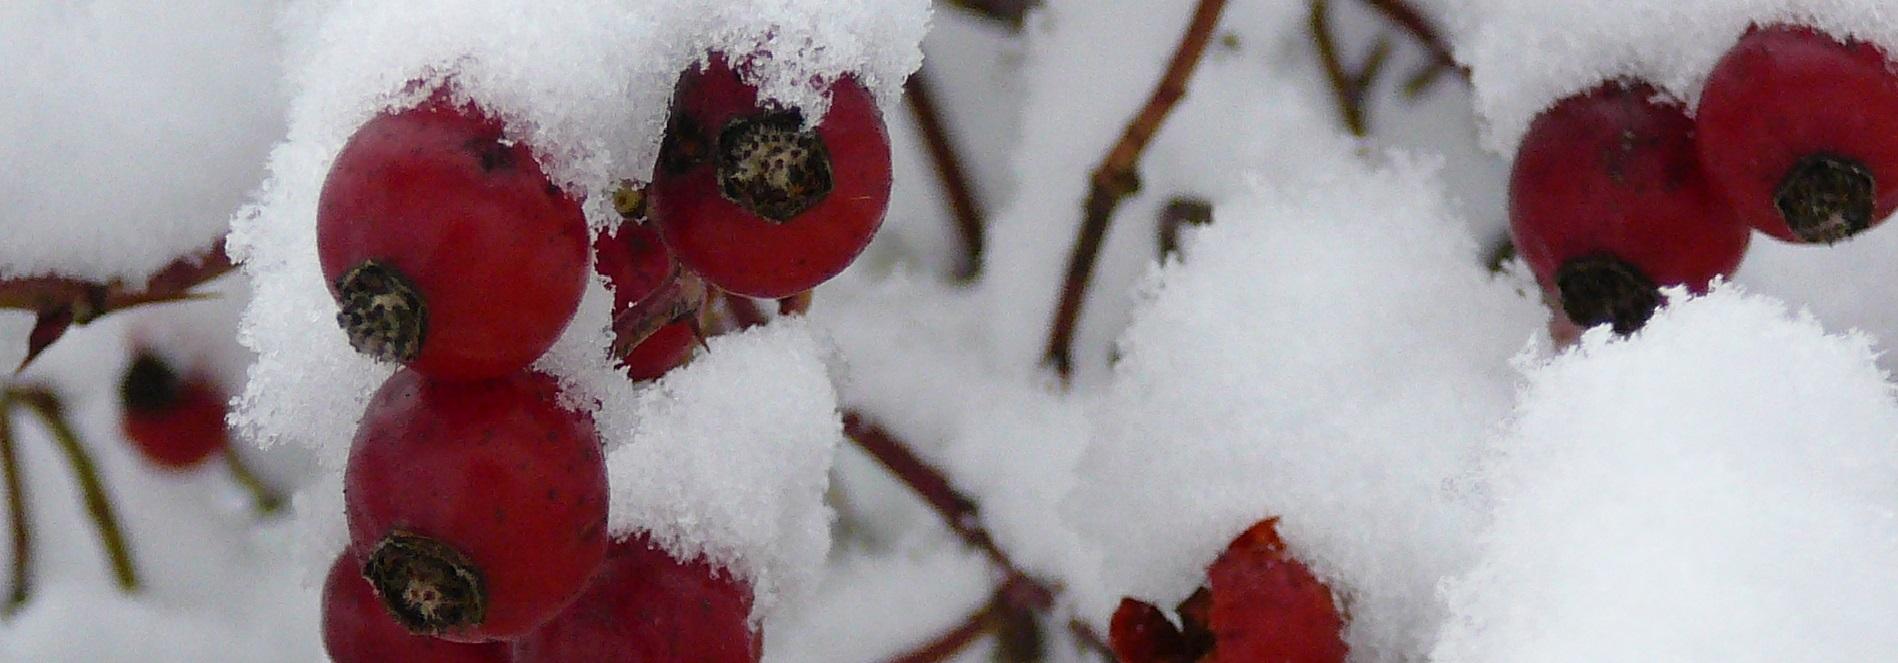 rote Beeren von Schnee bedeckt.